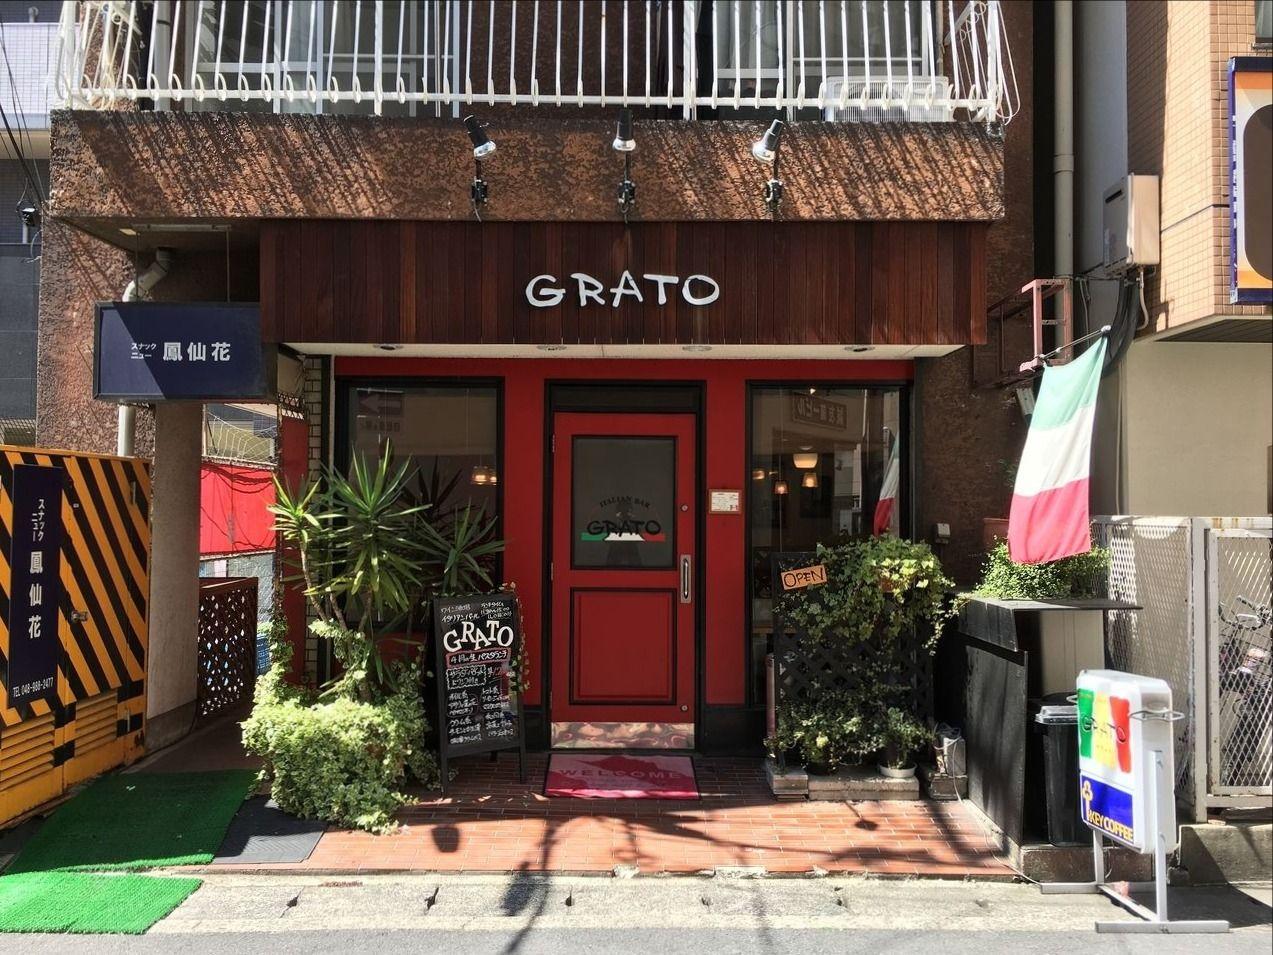 イタリアンバール GRATO(グラート) です。